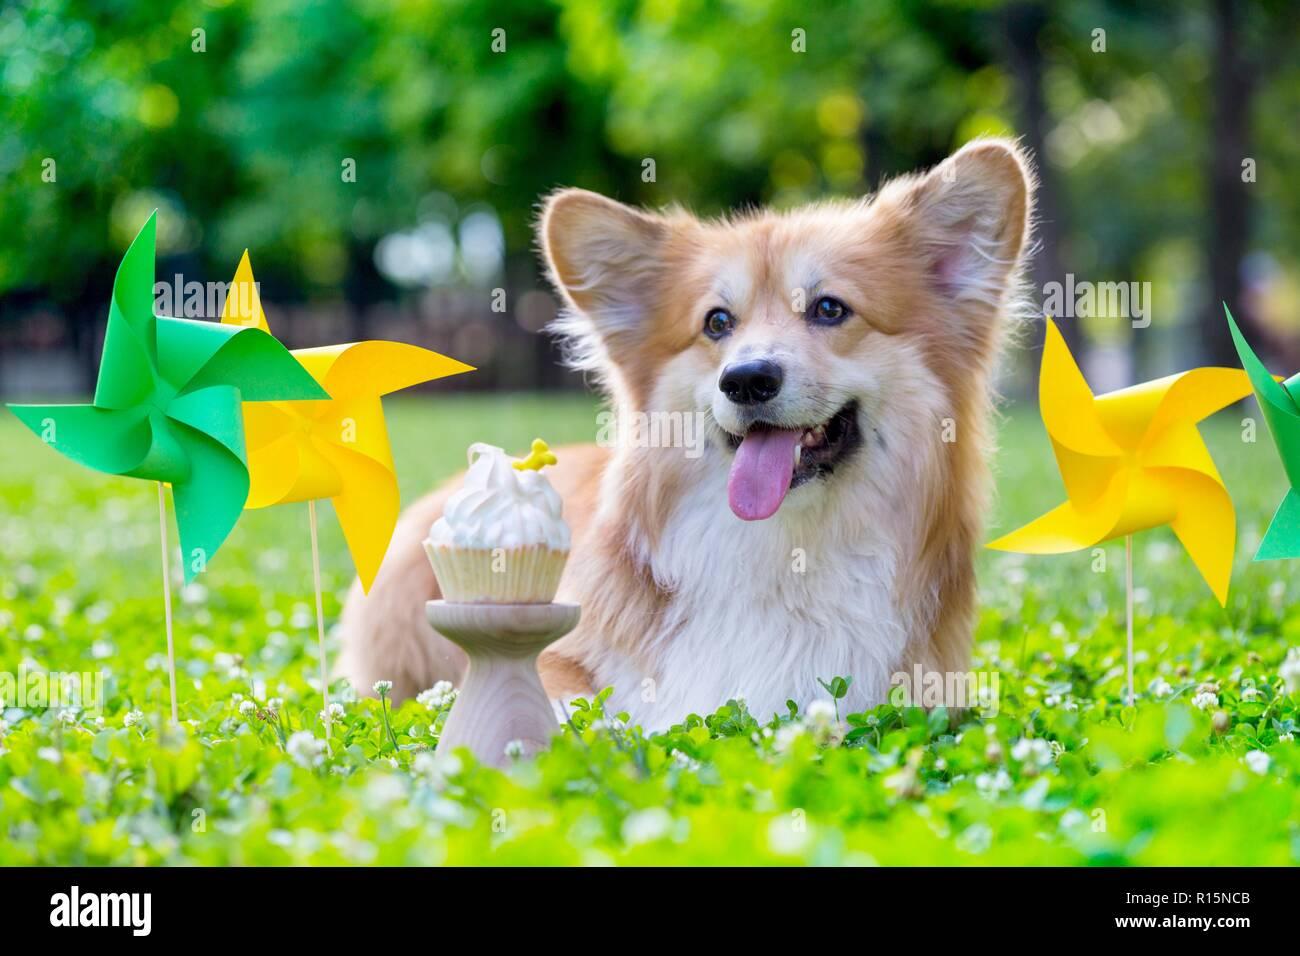 Cumpleaños fuera hermosa corgi fluffy sobre césped verde y colorida fiesta de banderas en el fondo Foto de stock